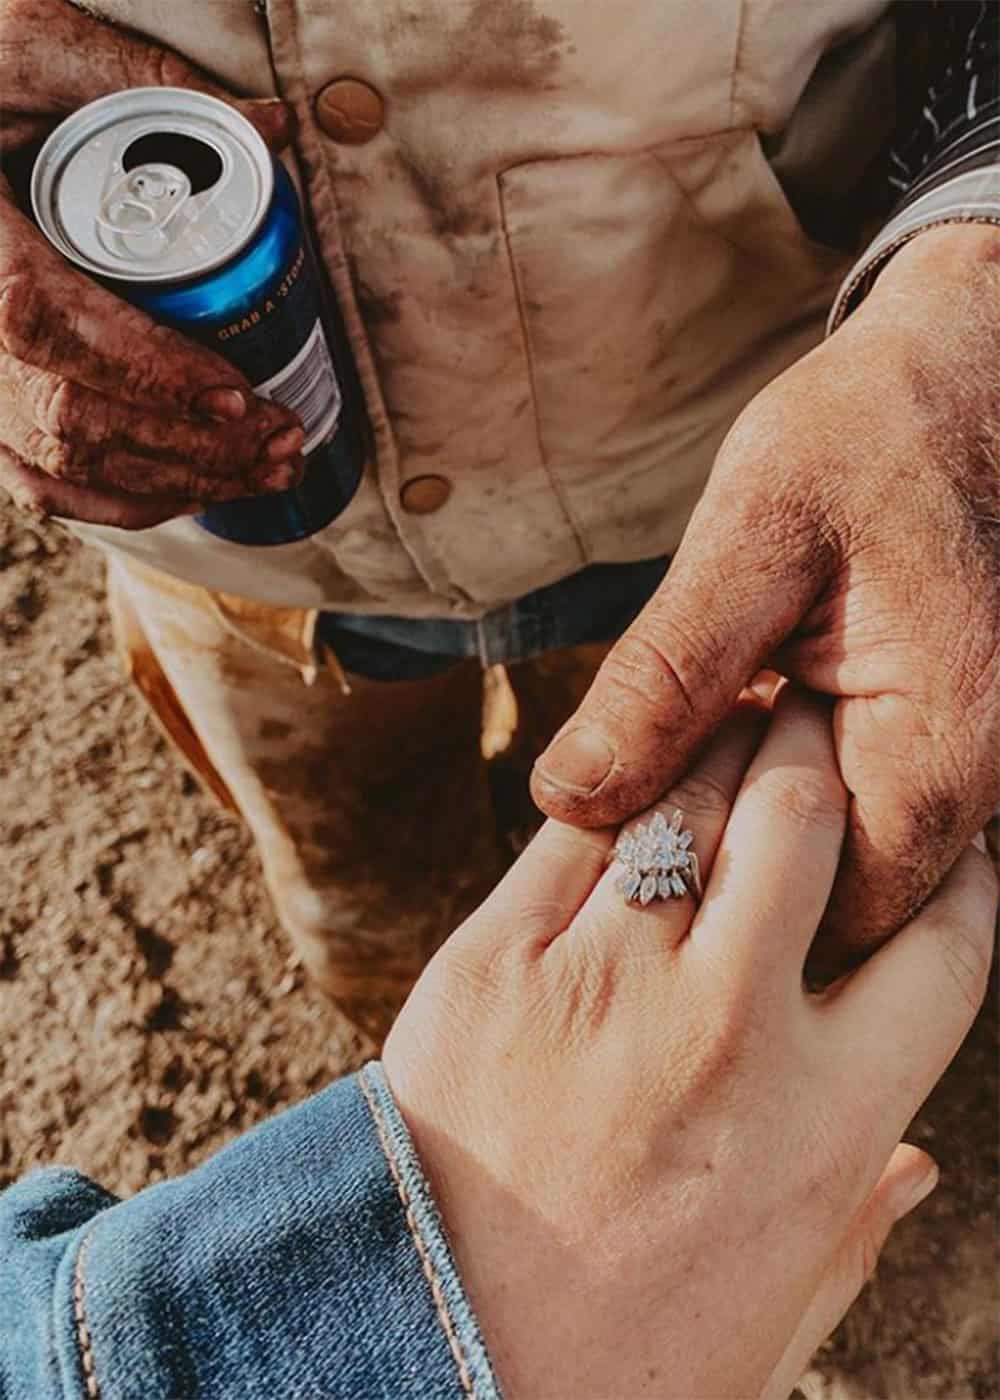 shaley ham engaged cowgirl magazine